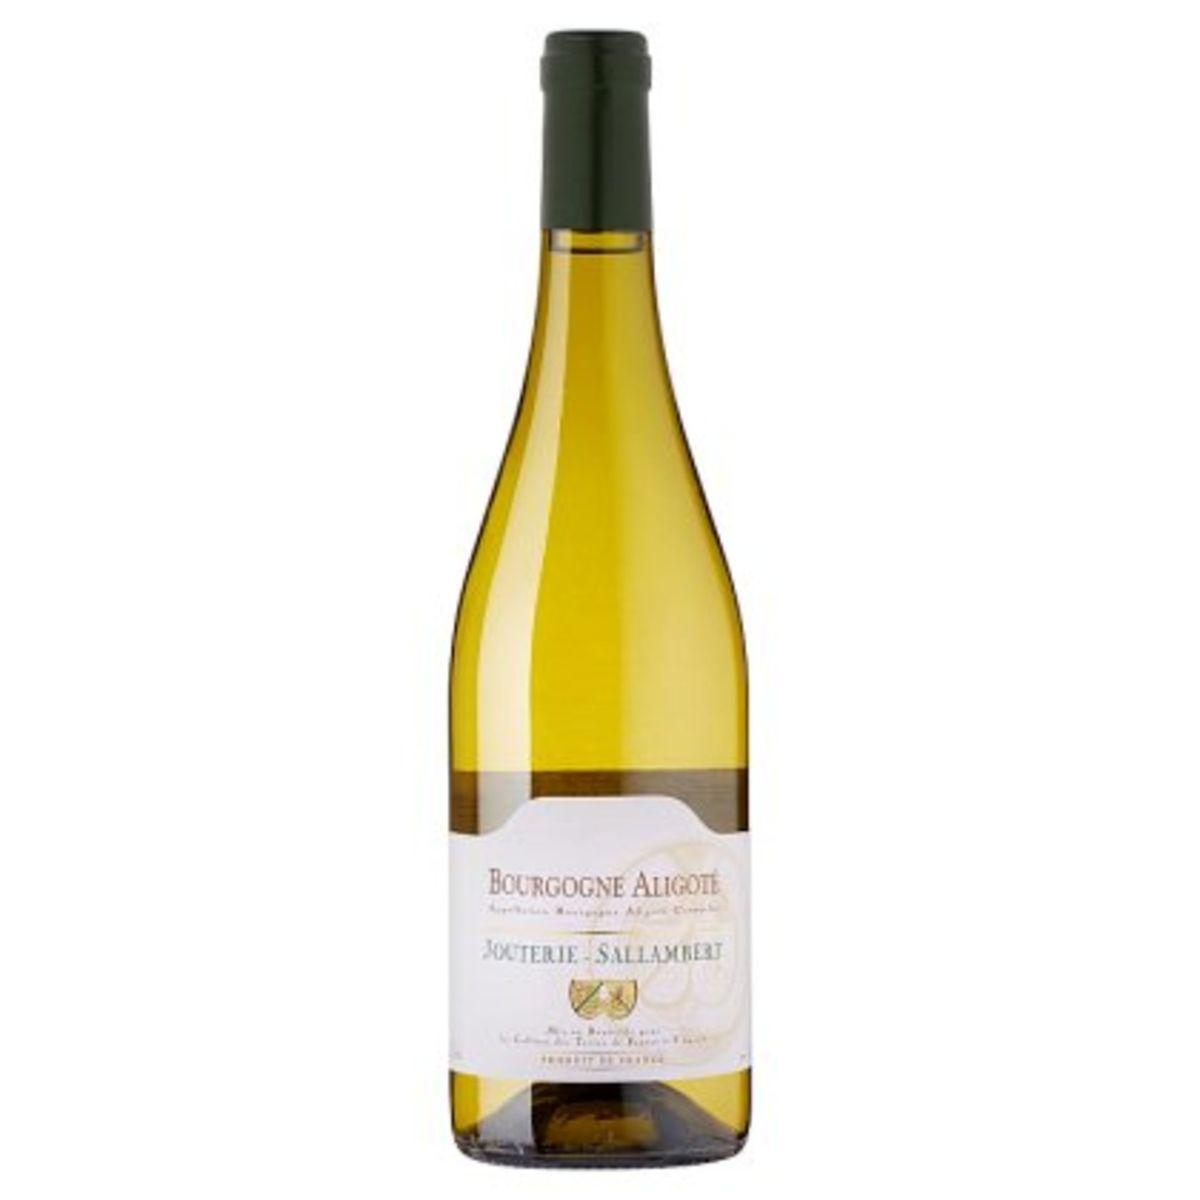 Jouterie - Sallambert Bourgogne aligoté 75 cl